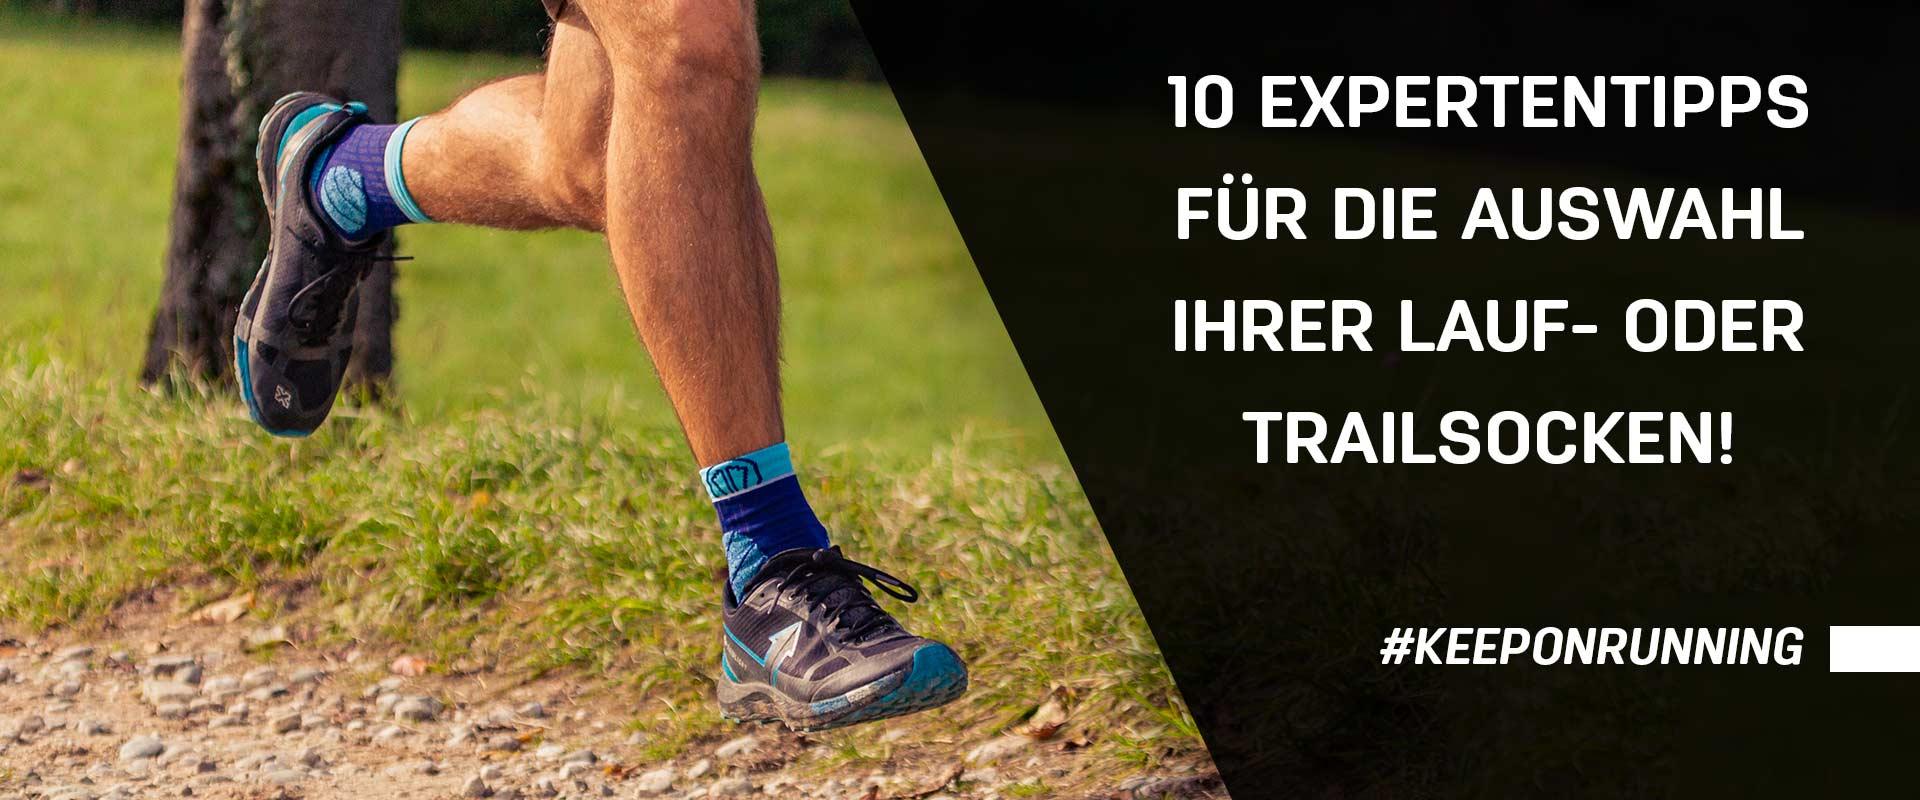 10 Expertentipps für die Auswahl Ihrer Lauf- oder Trailsocken!